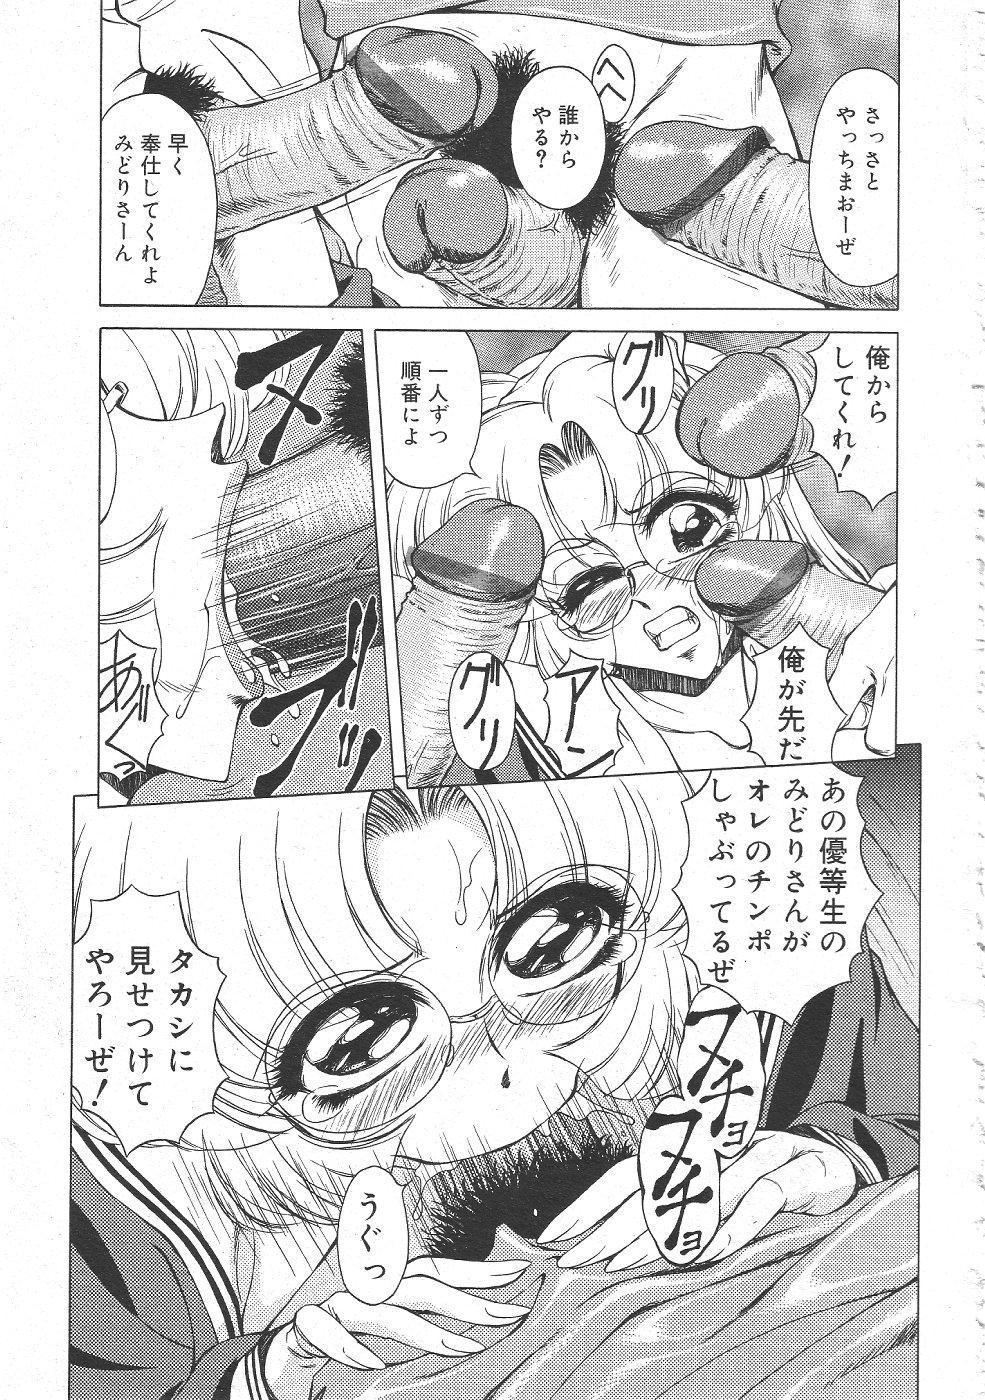 Gekkan Comic Muga 2004-06 Vol.10 320